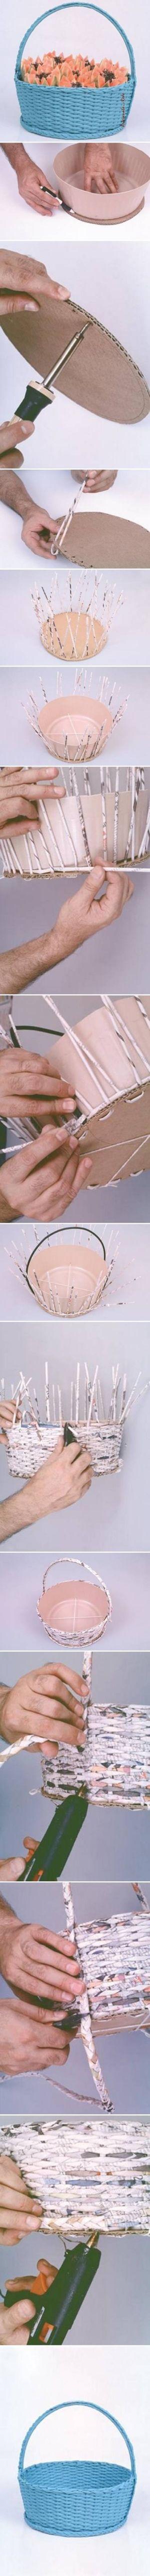 DIY Simple Newspaper Basket DIY Simple Newspaper Basket by diyforever